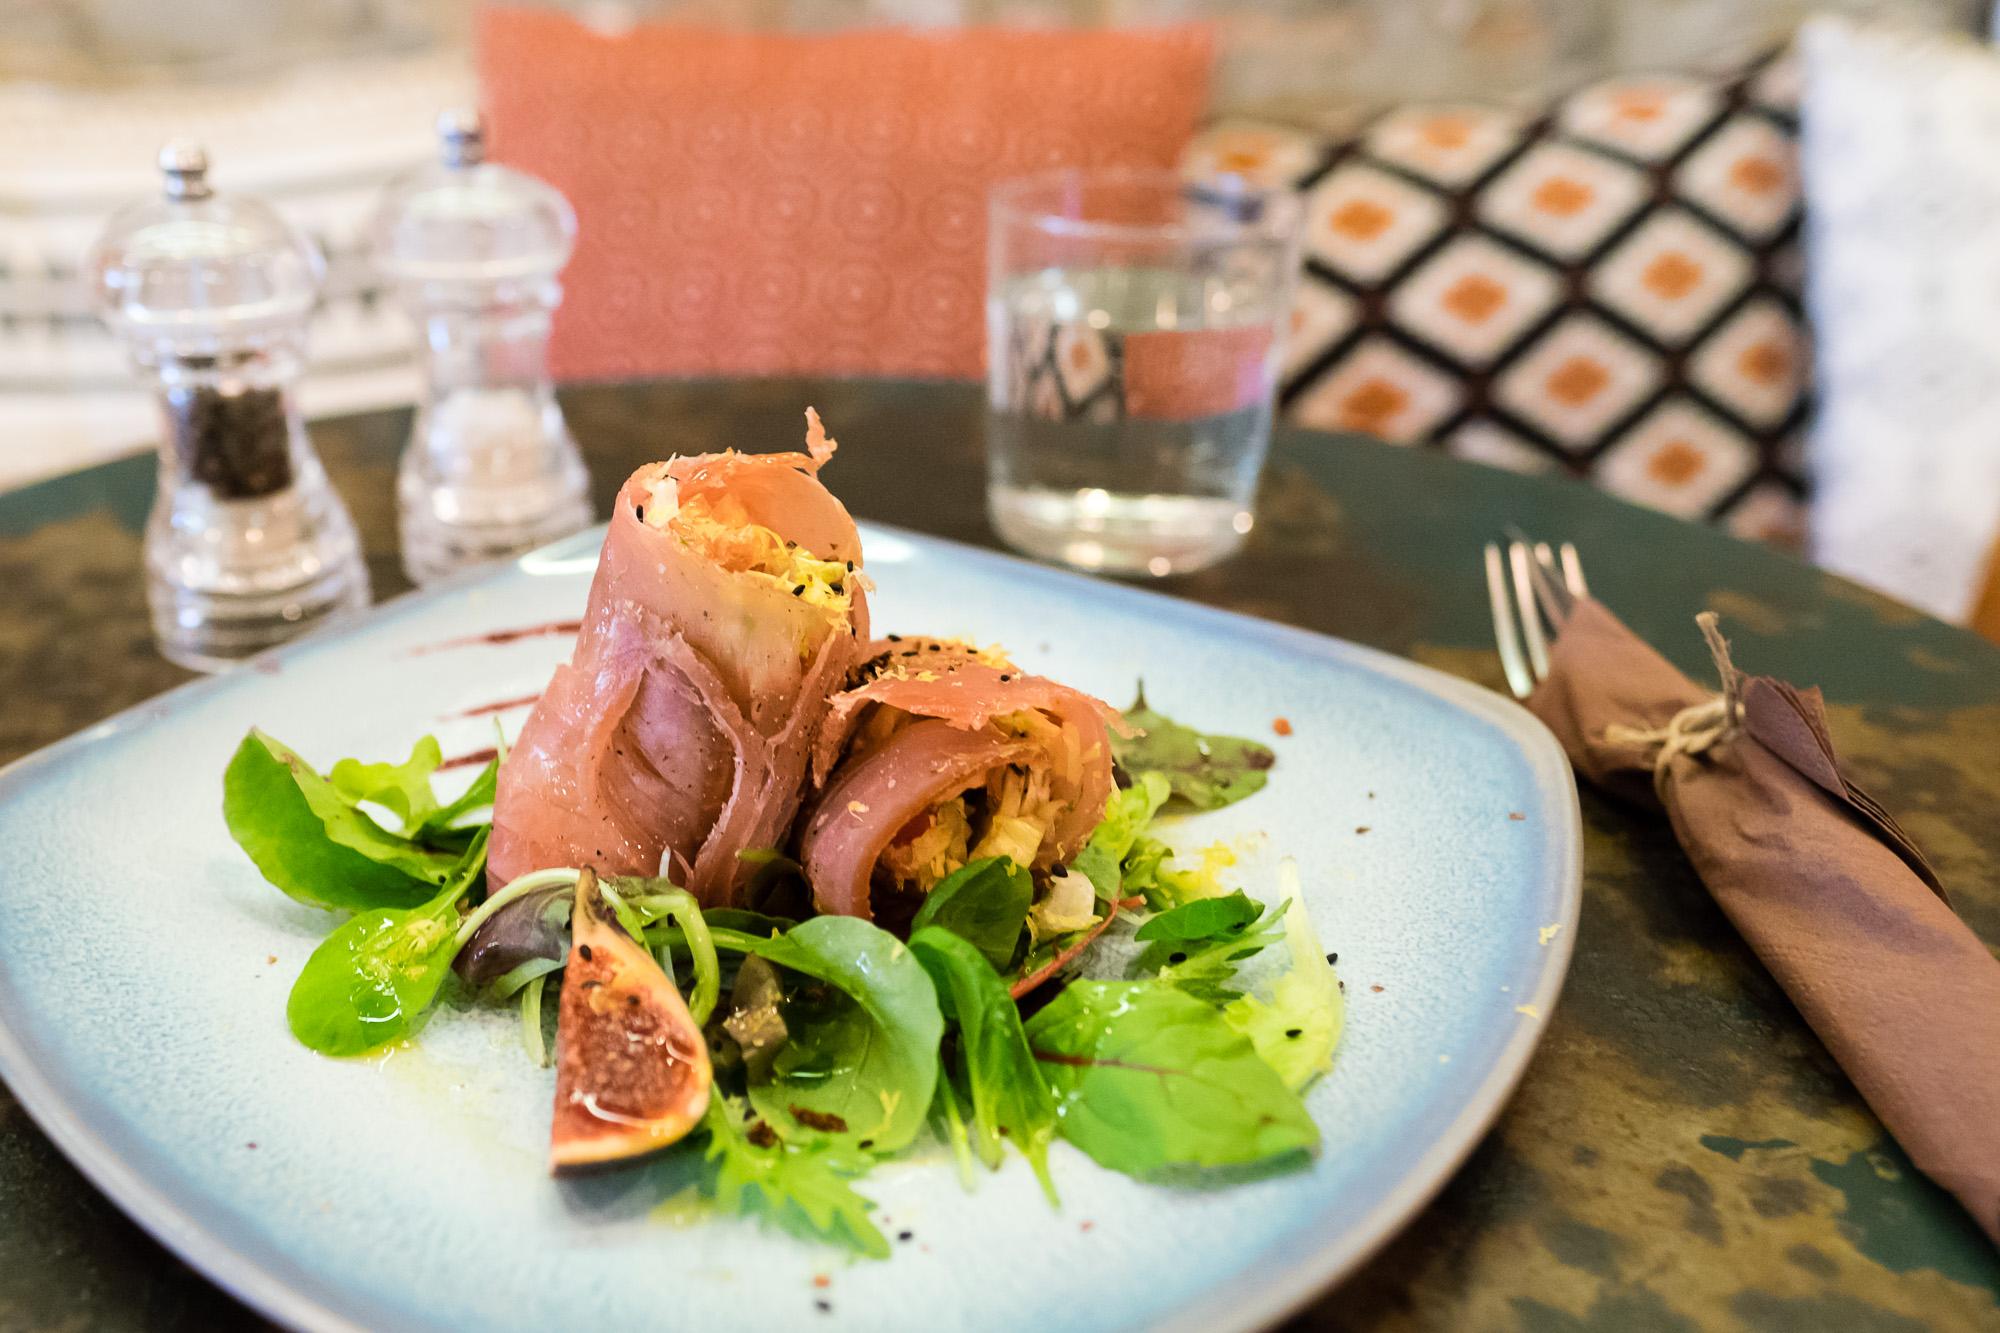 Wrap di tonno pinna gialla affumicato con ricotta raw di anacardi, insalatina Iceberg, funghi e zesta di lime